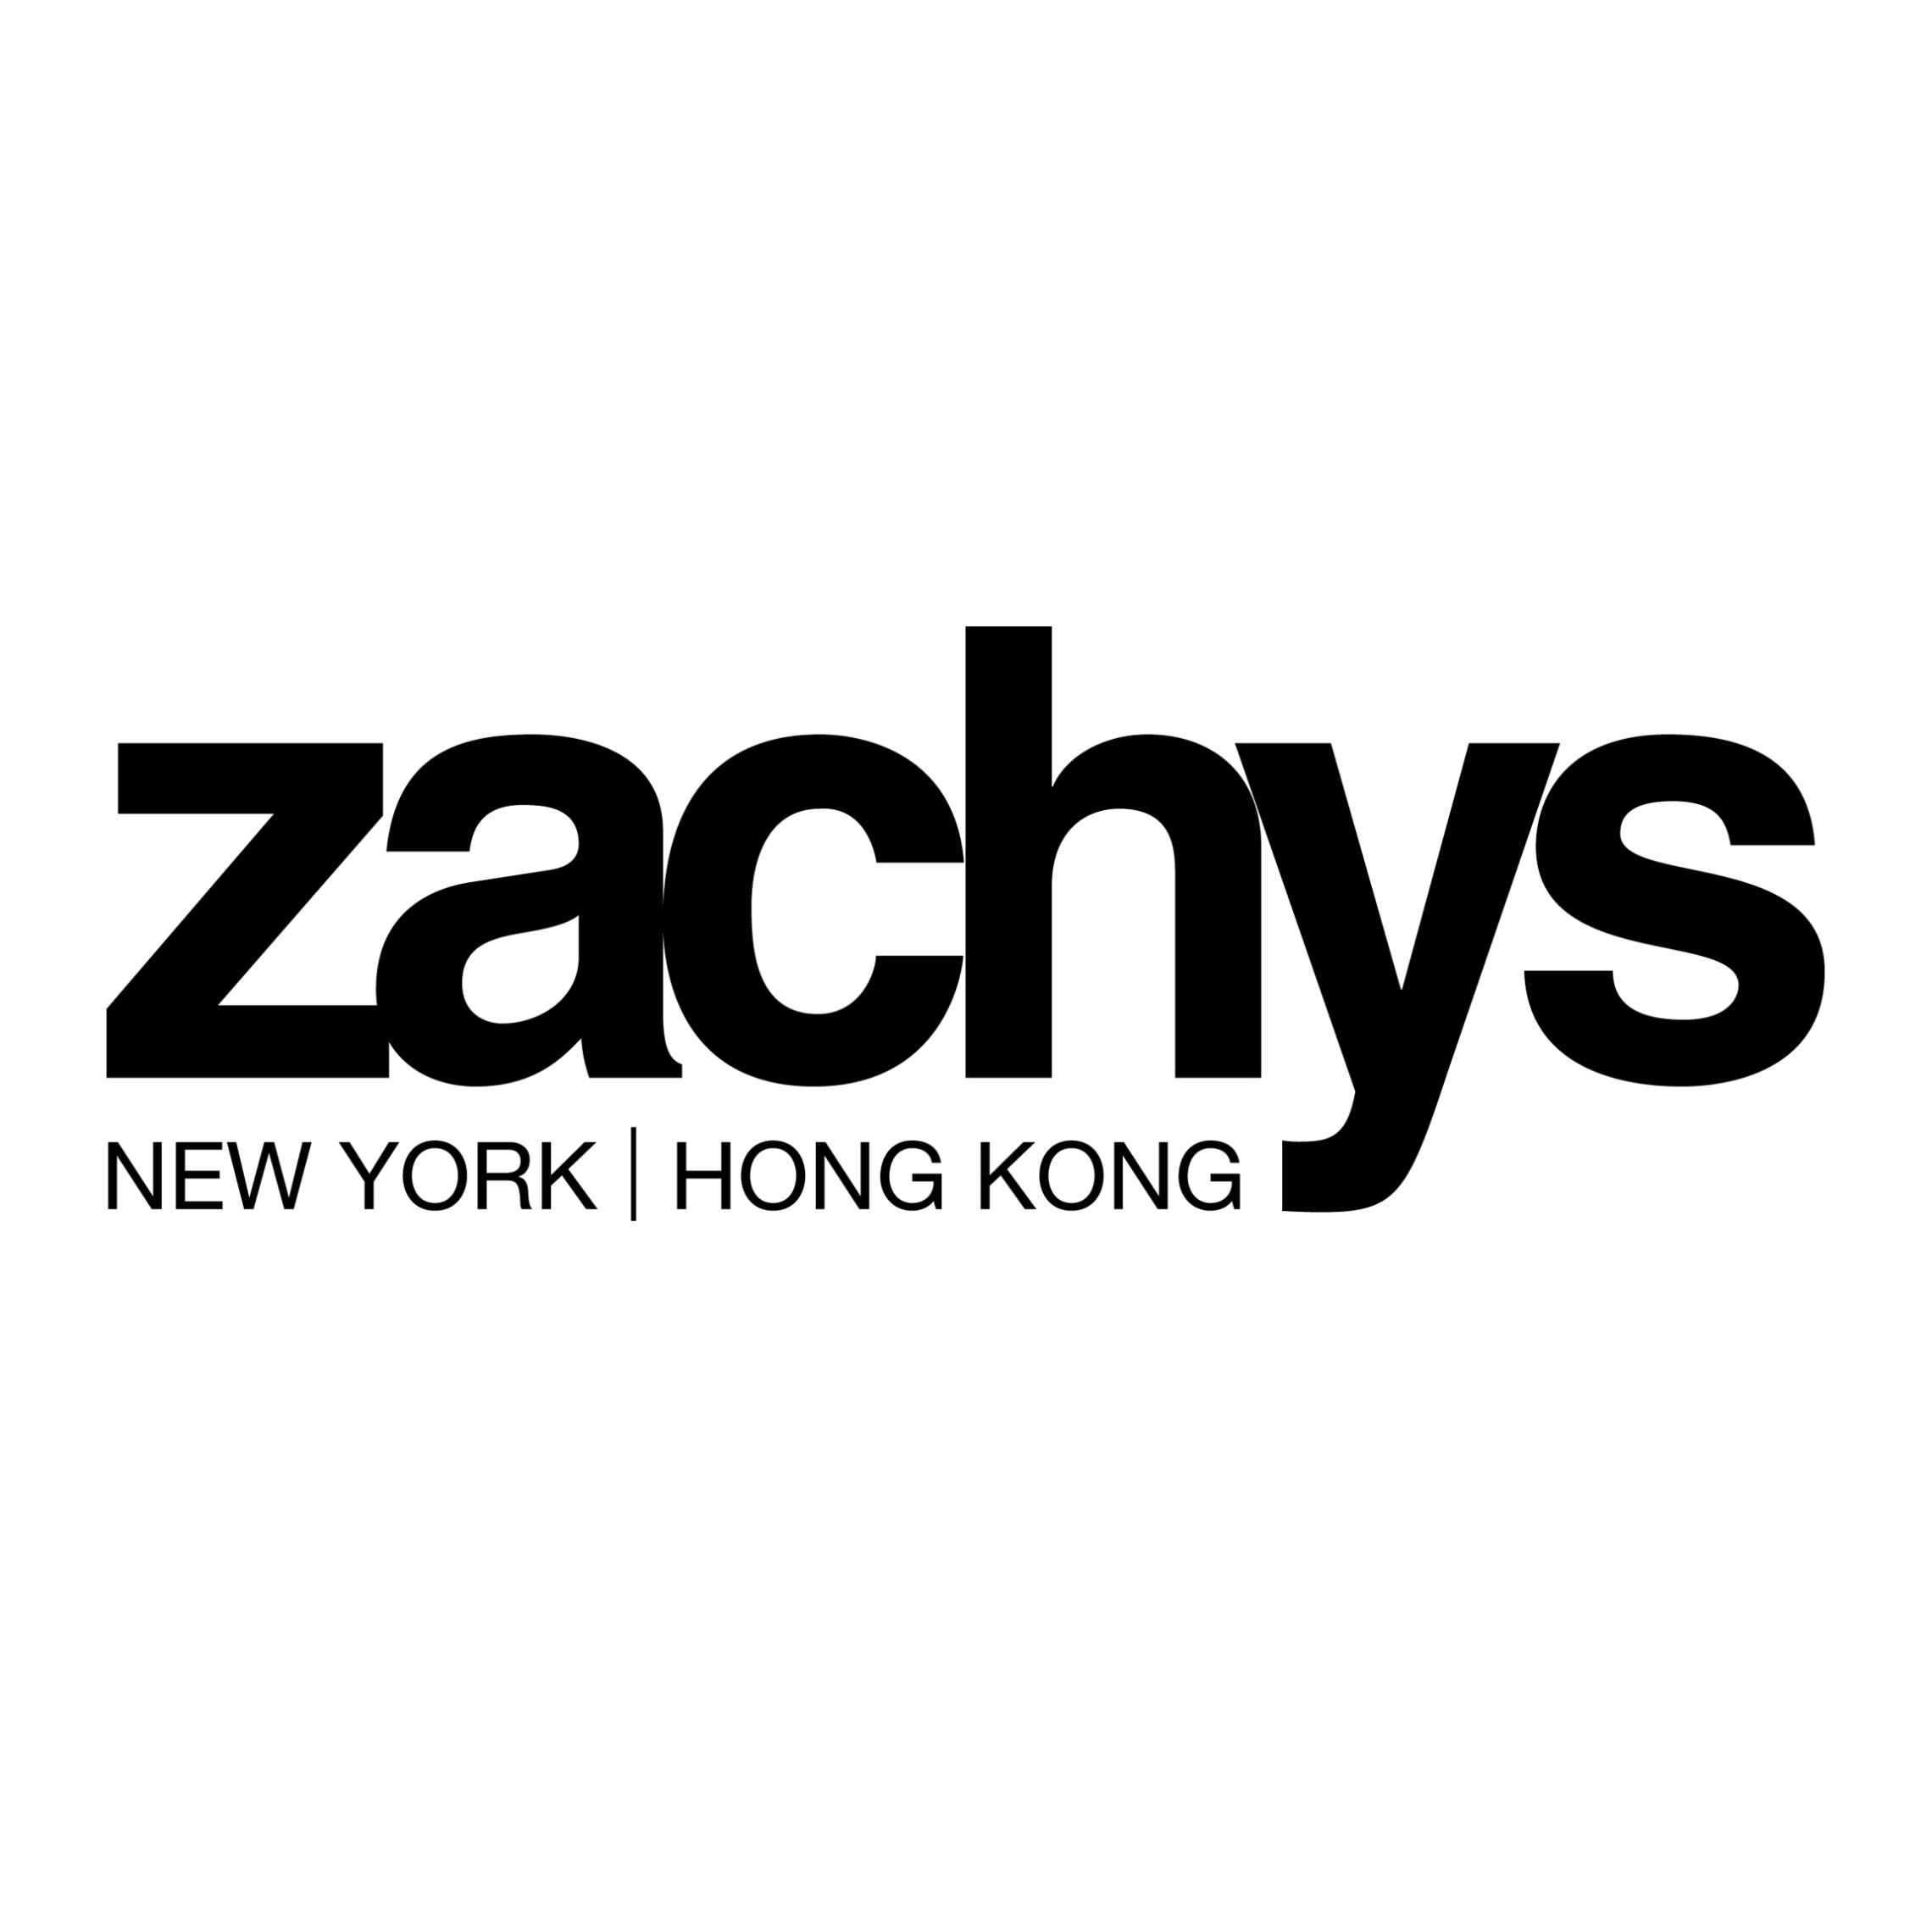 zachys- company logo